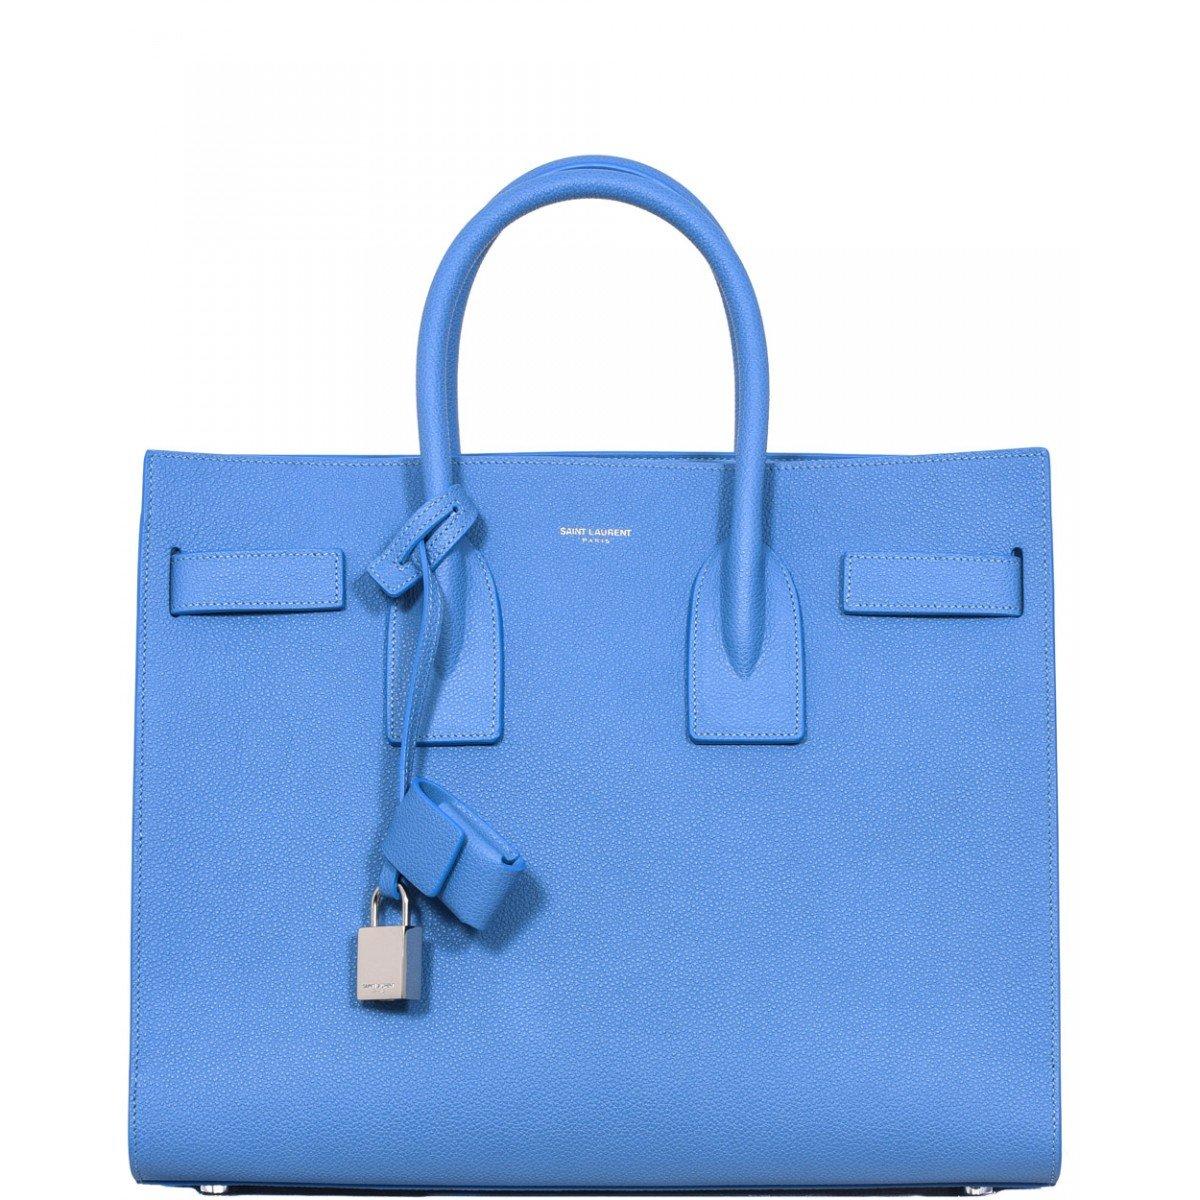 yves saint laurent satchel - classic nano sac de jour bag in royal blue leather